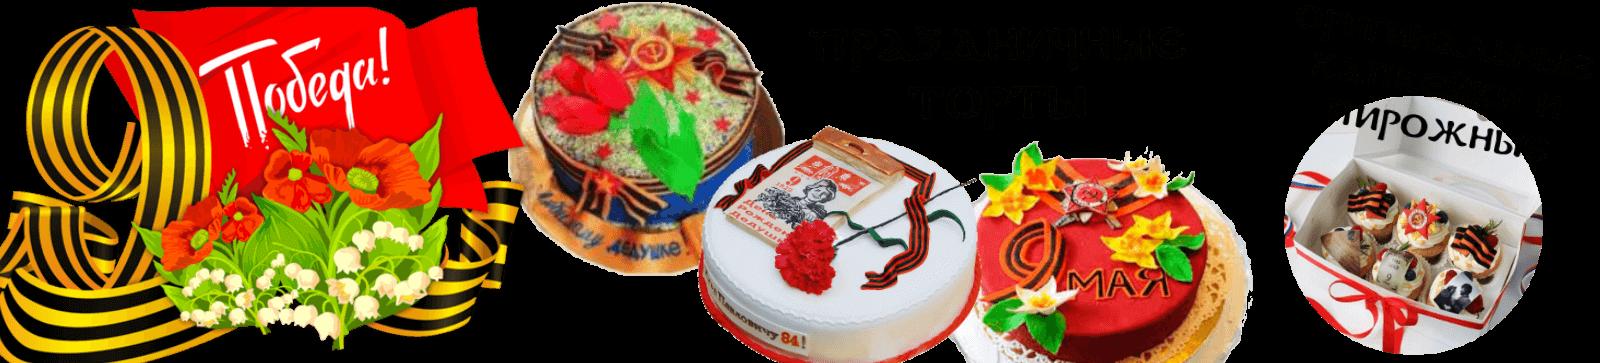 Порадуйте своих близких тортом на военную тему к празднику!